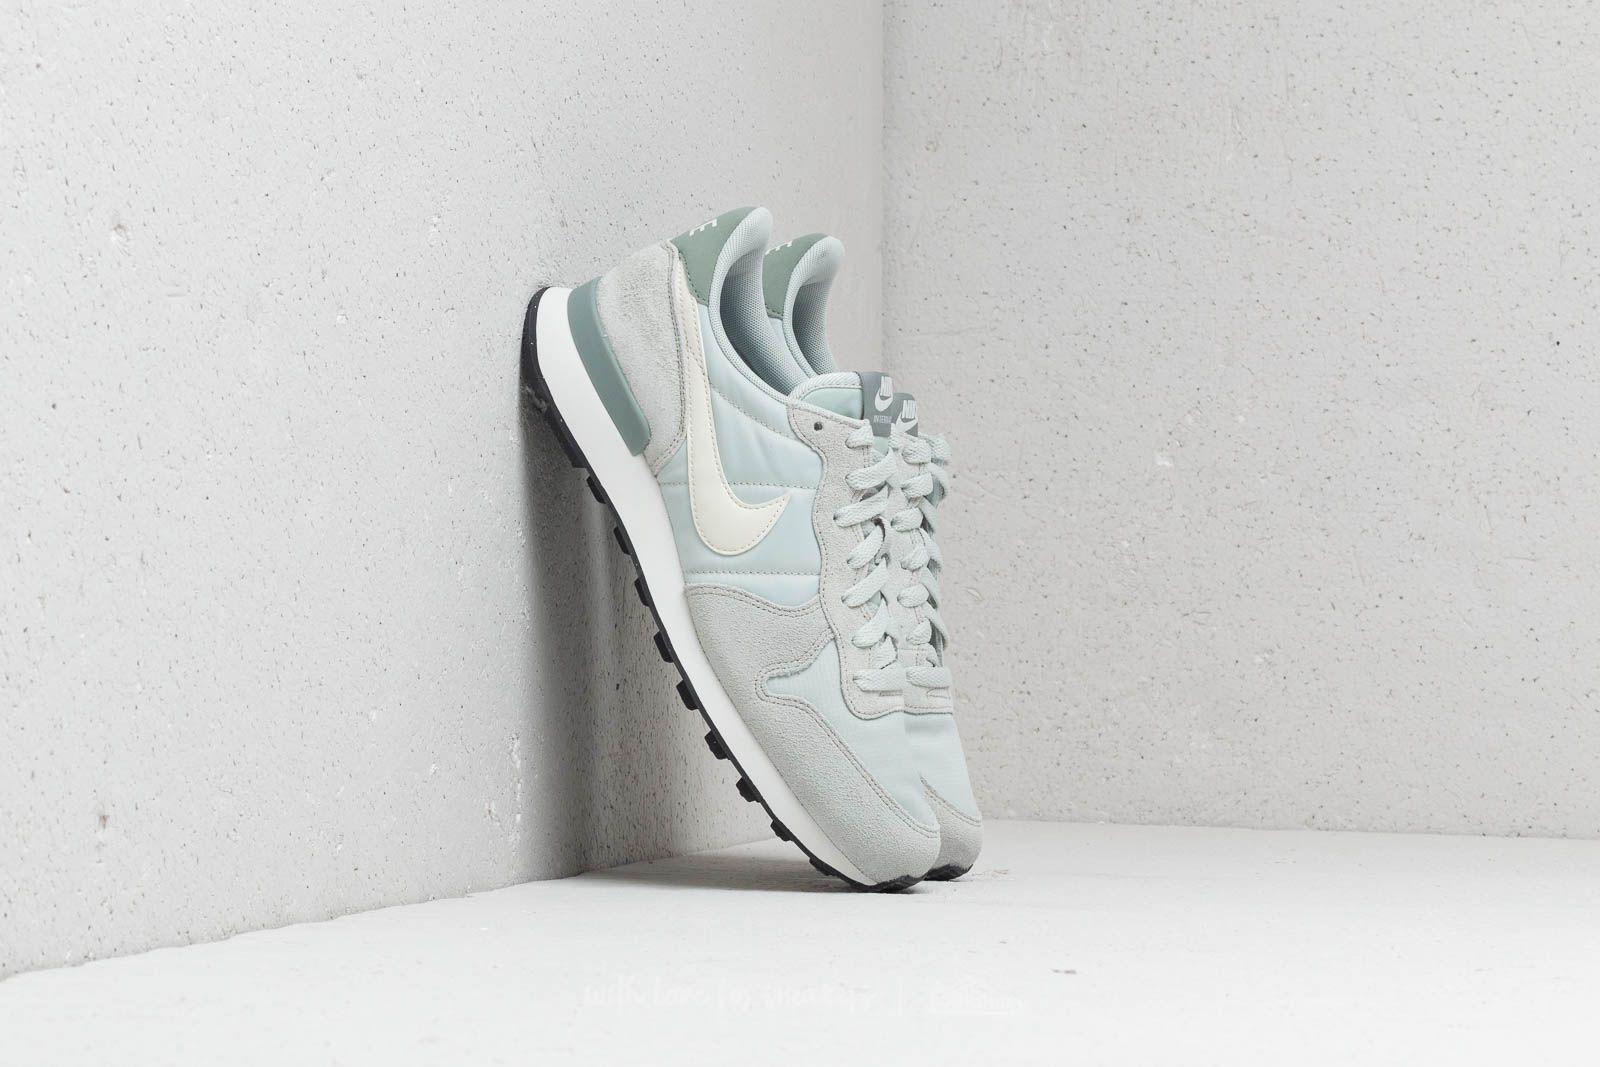 Nike WMNS Internationalist Light Silver/ Summit White za skvělou cenu 1 670 Kč koupíte na Footshop.cz